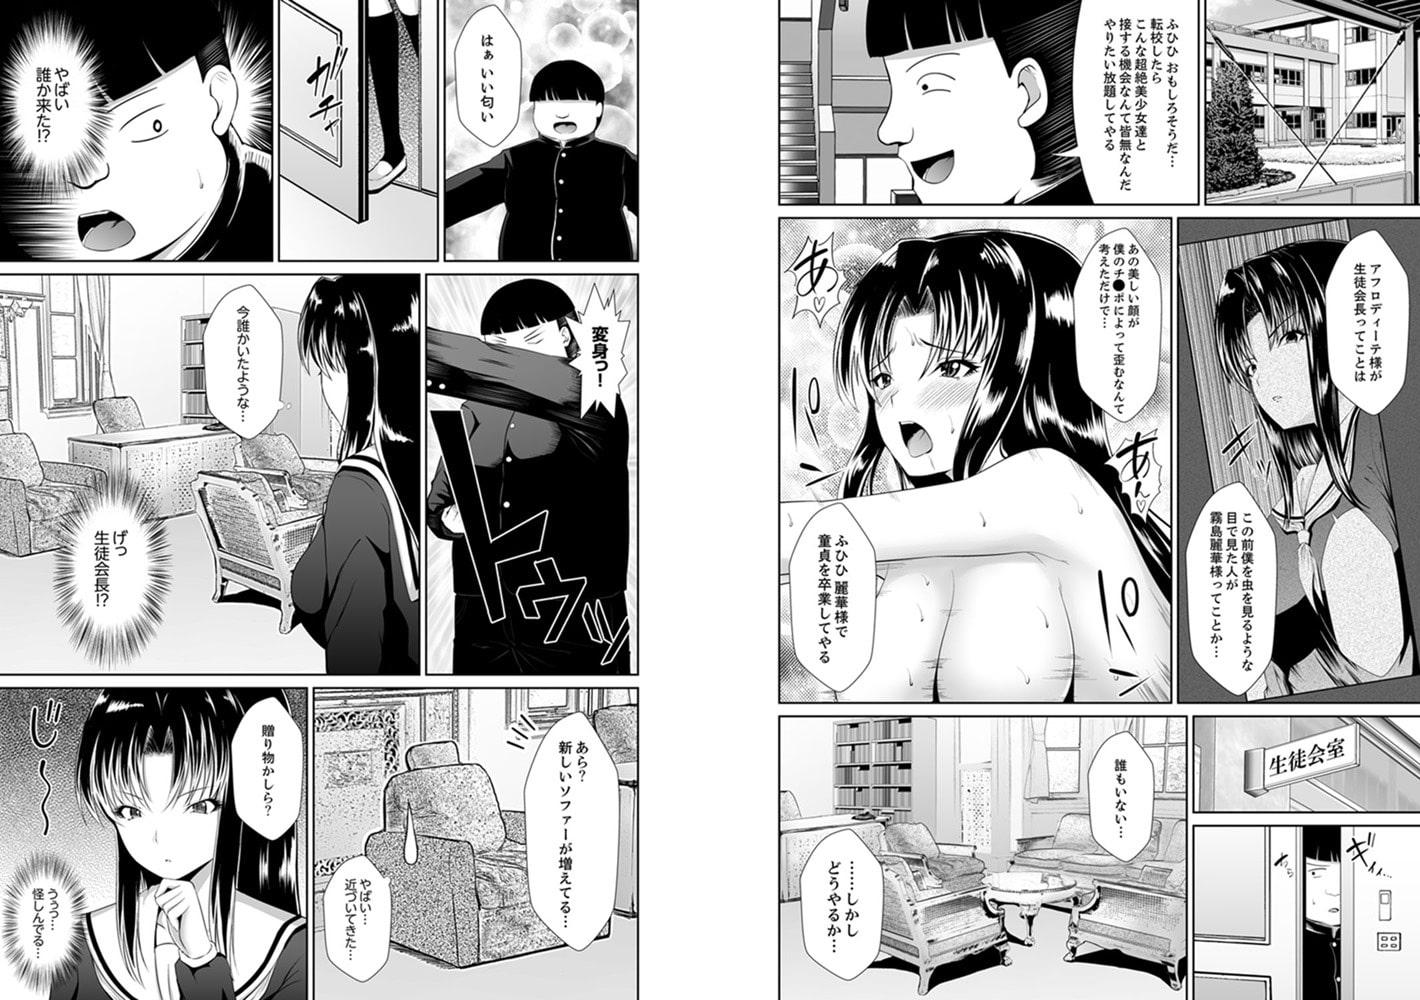 特殊能力でハメ放題!~男一人の女子校でJK乳首をぺろぺろぺろ~ん【完全版】